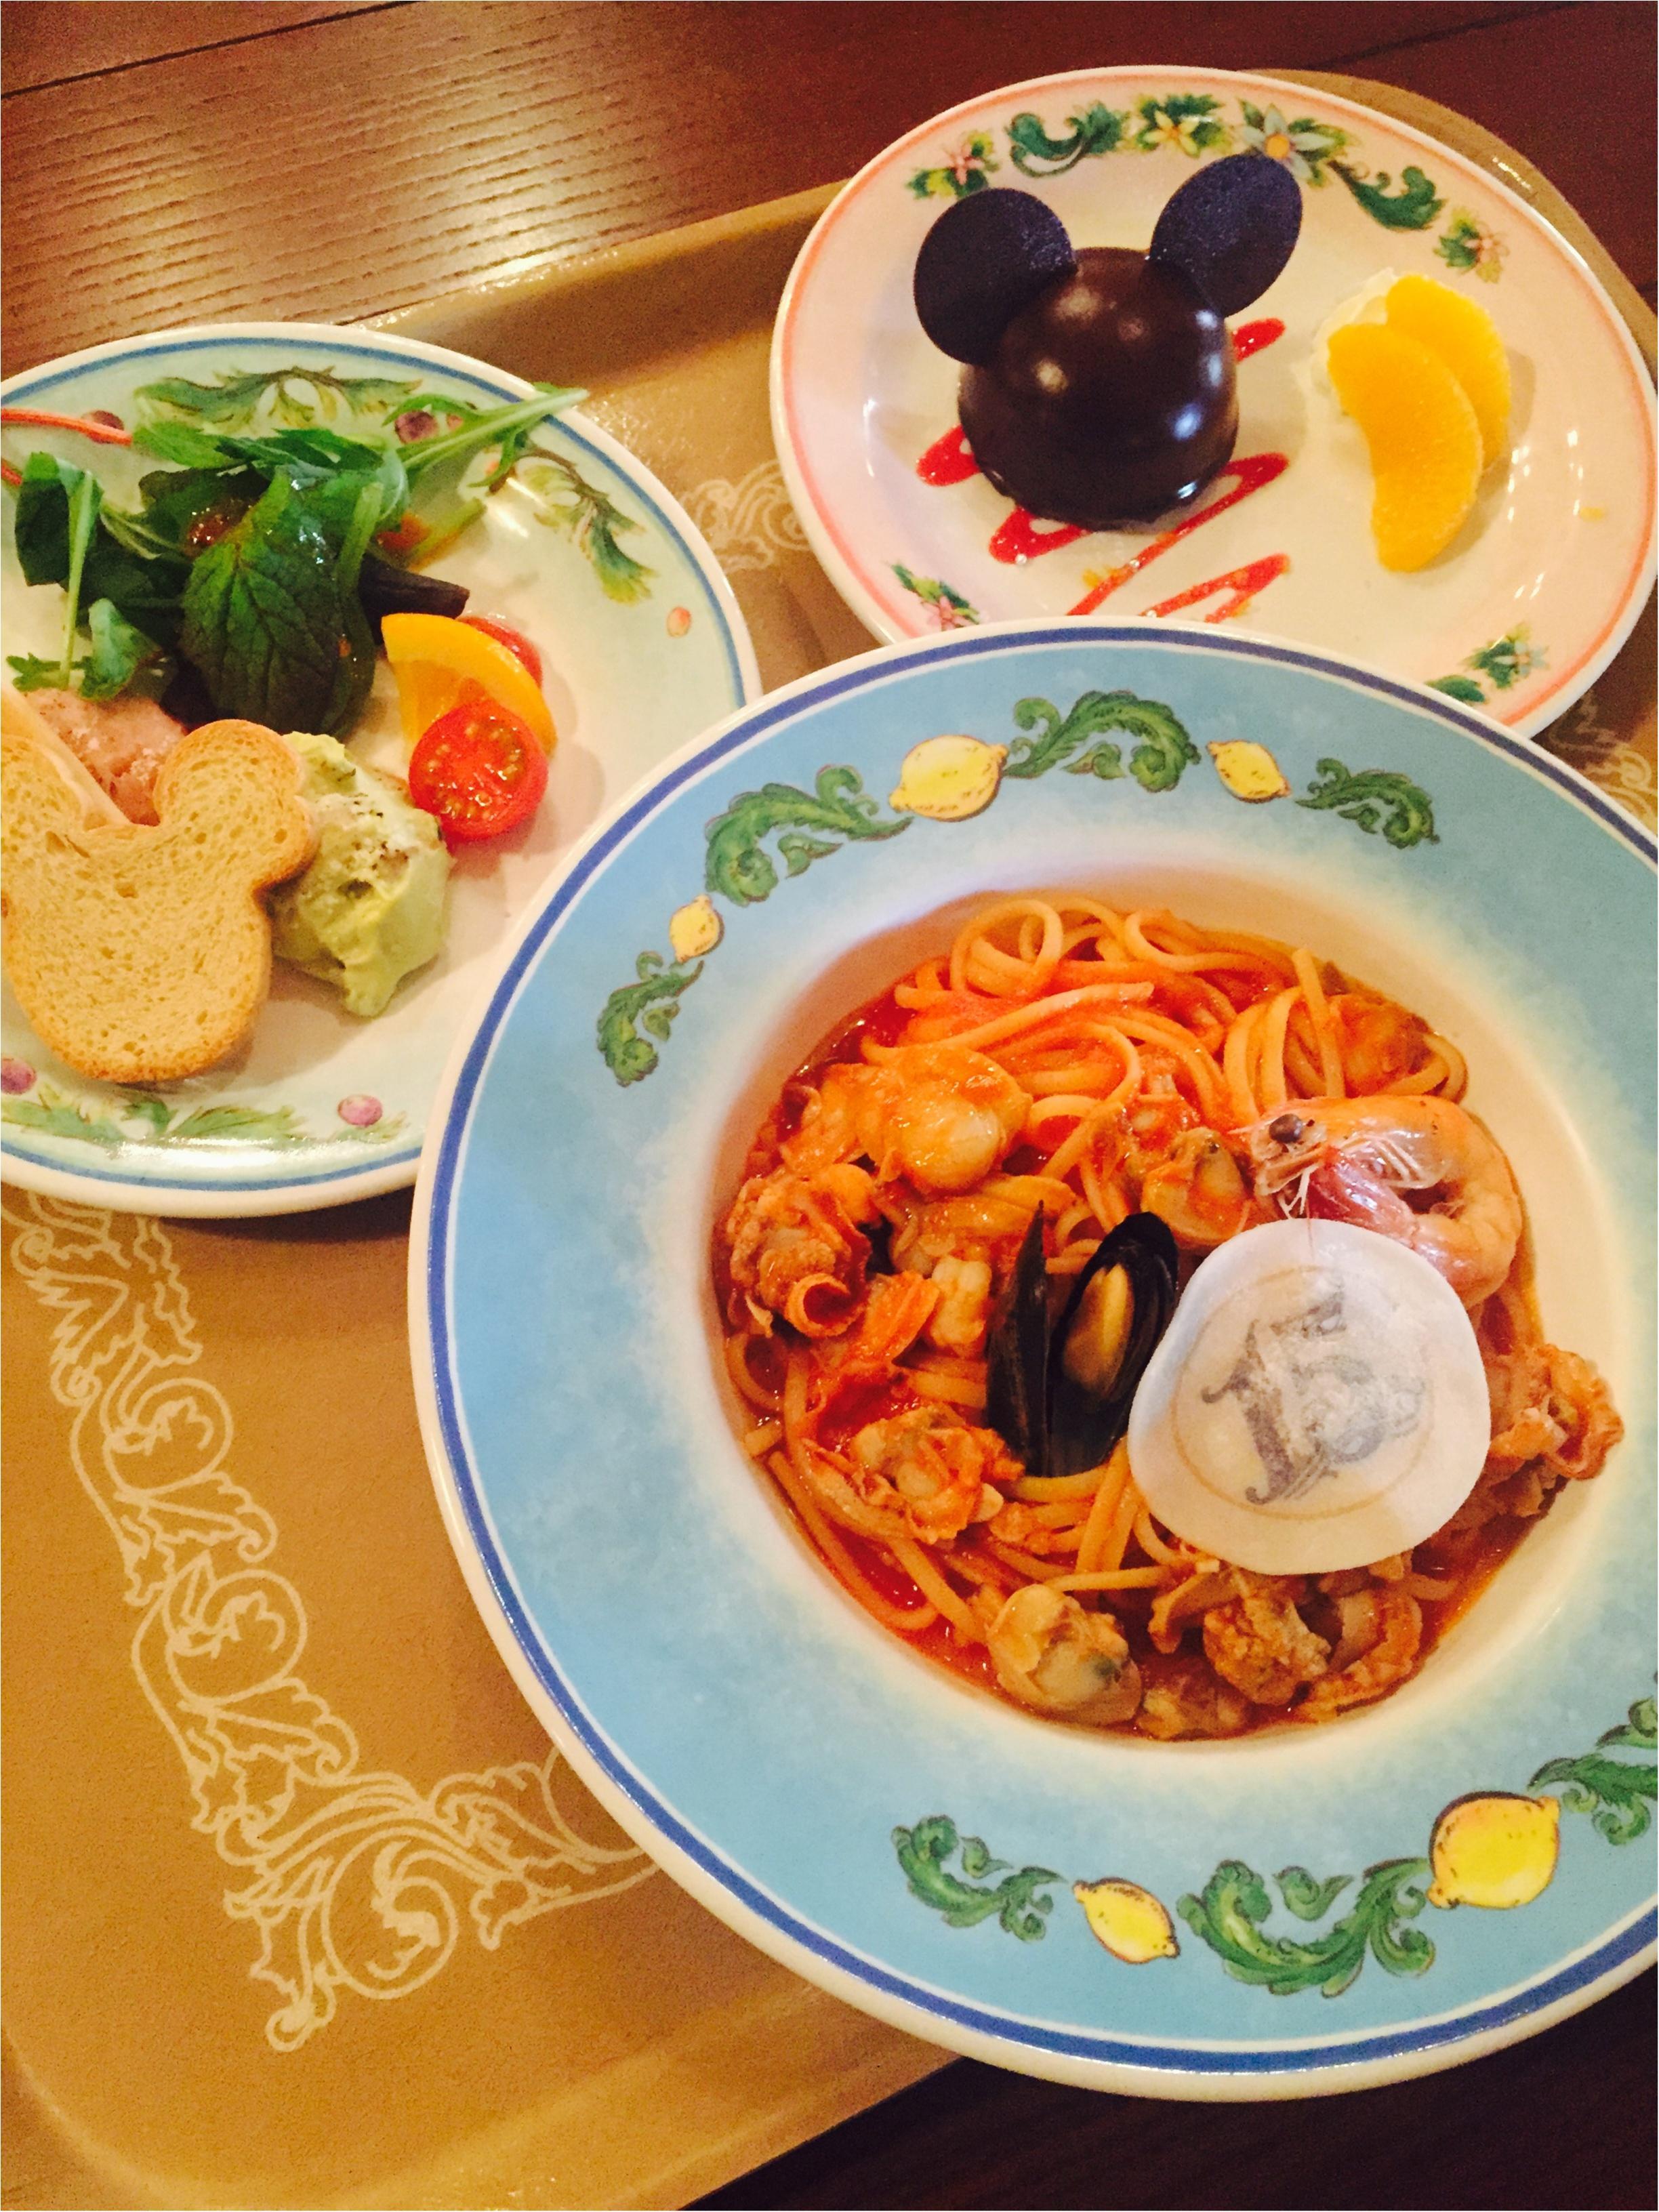 【東京ディズニーシー15周年】これは食べないと後悔するかも!? な限定フード3食!_3